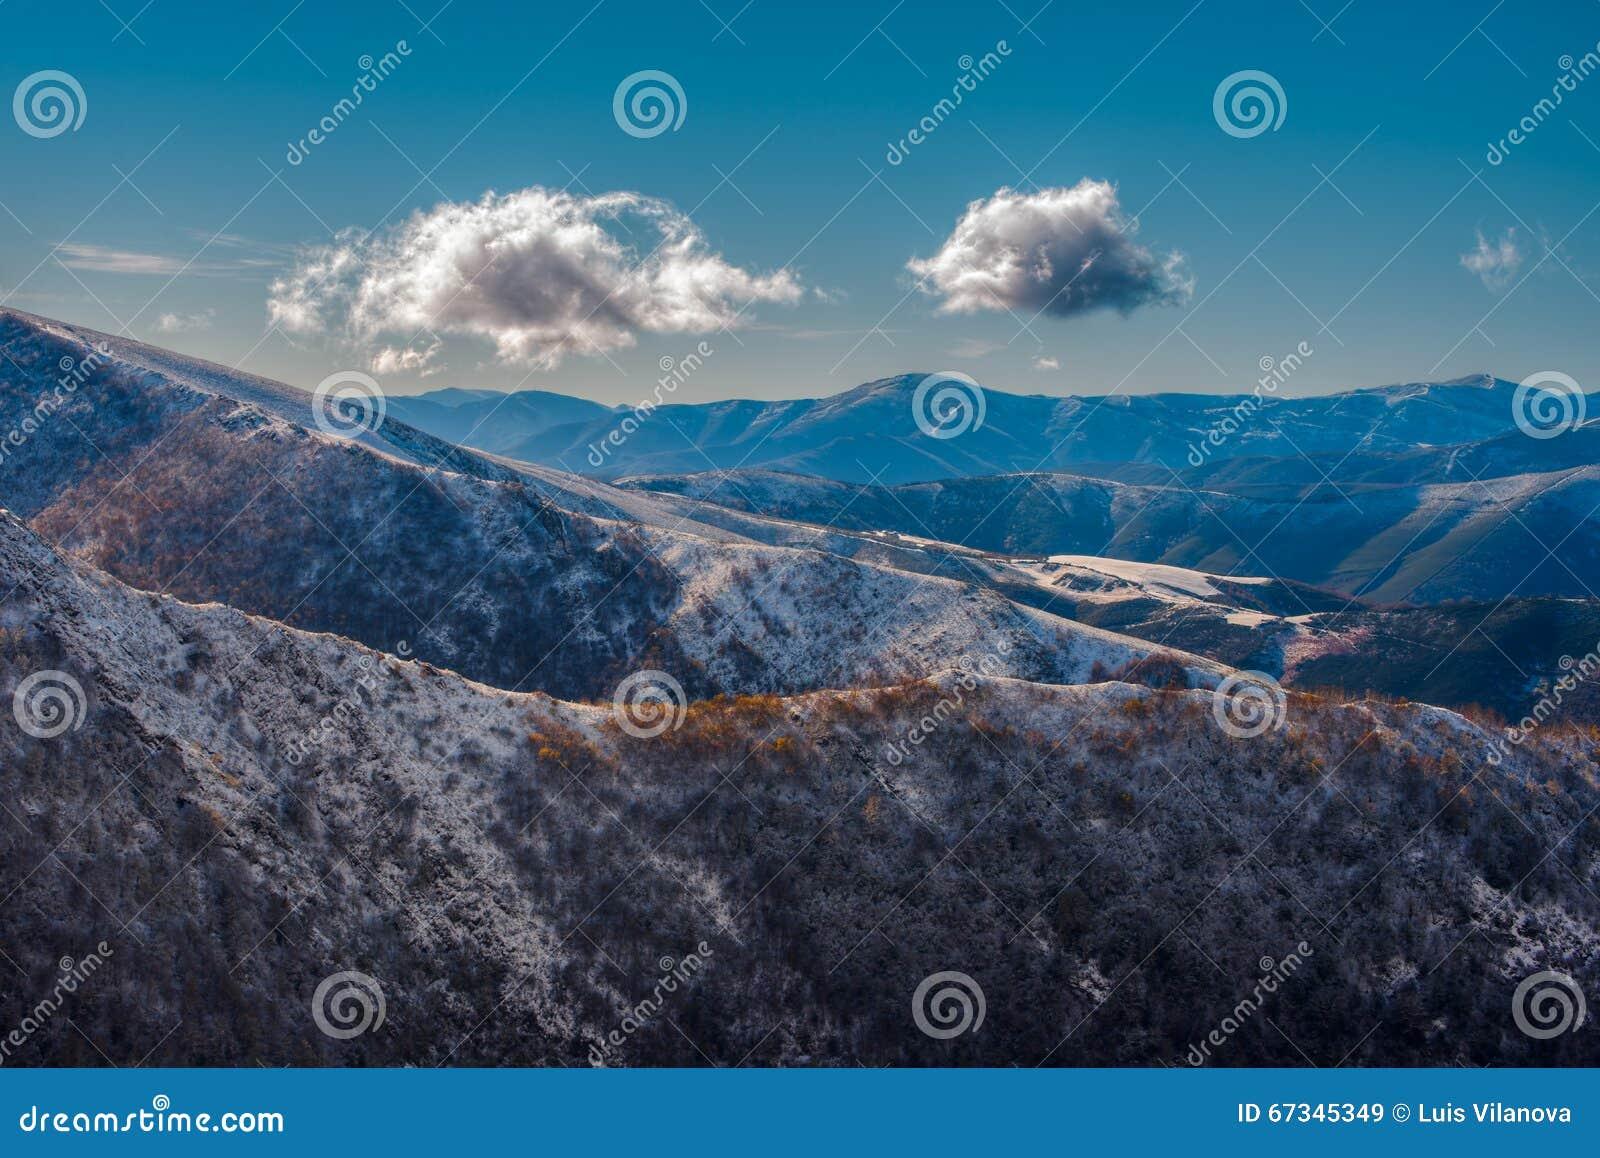 Zwei Wolken über den Bergen